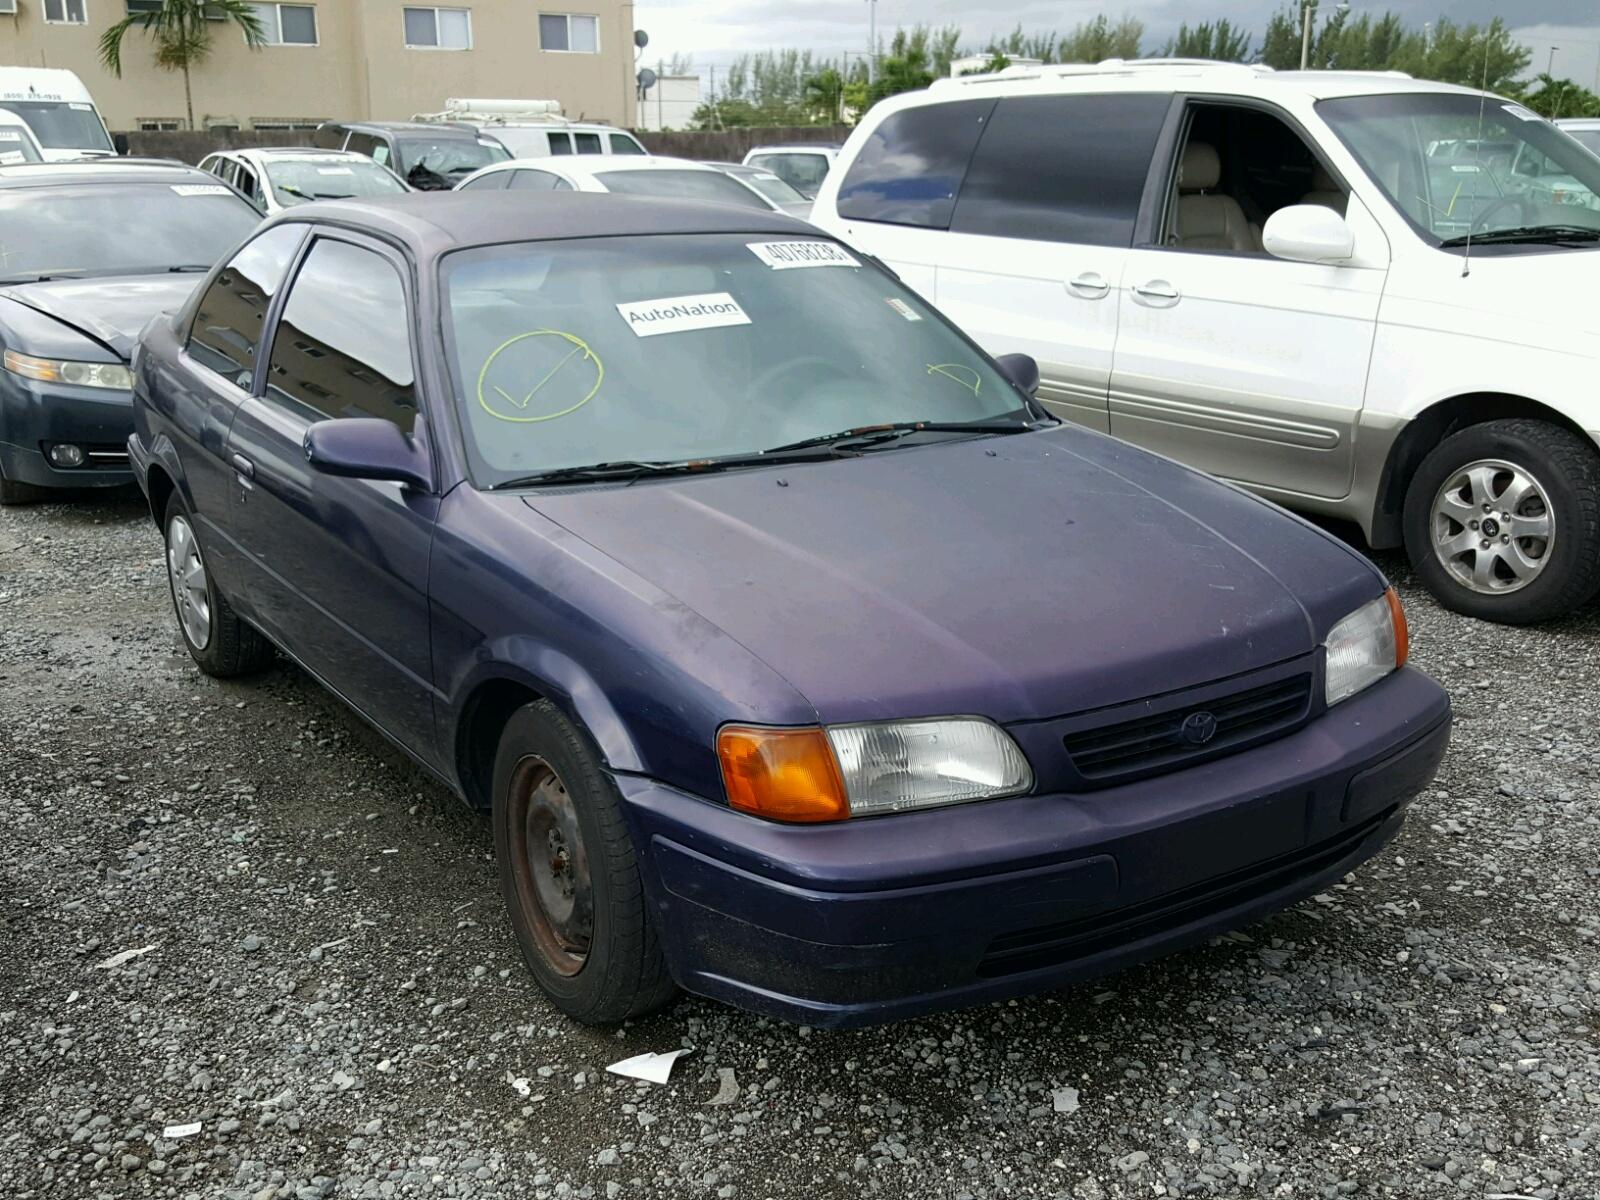 Jt2ac52l3v0217980 1997 Purple Toyota Tercel Ce On Sale In Fl 1990 Hatchback 15l Left View